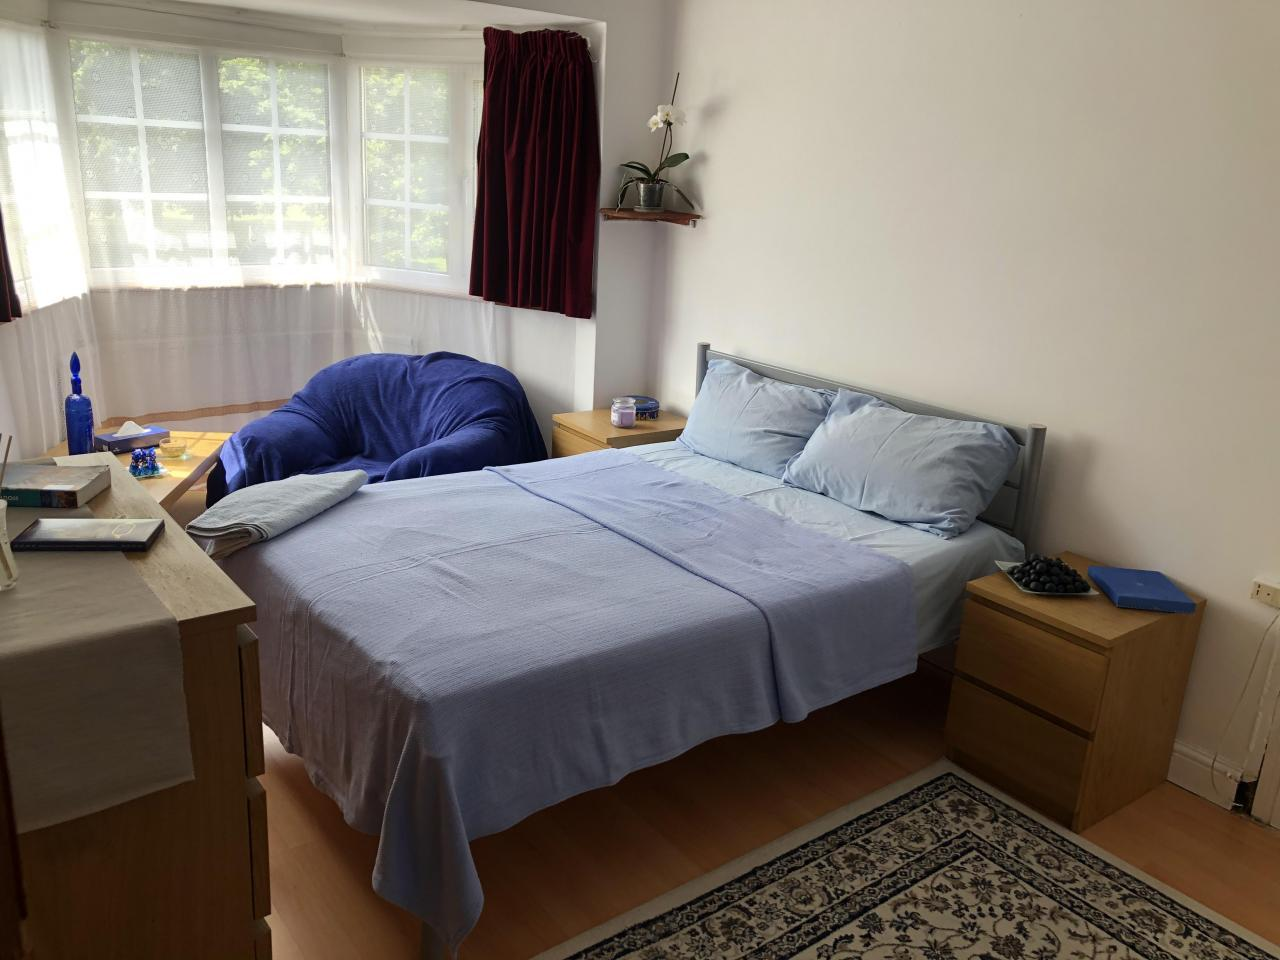 Сдаем double room, для  одного, недалеко от станции Tooting - 2